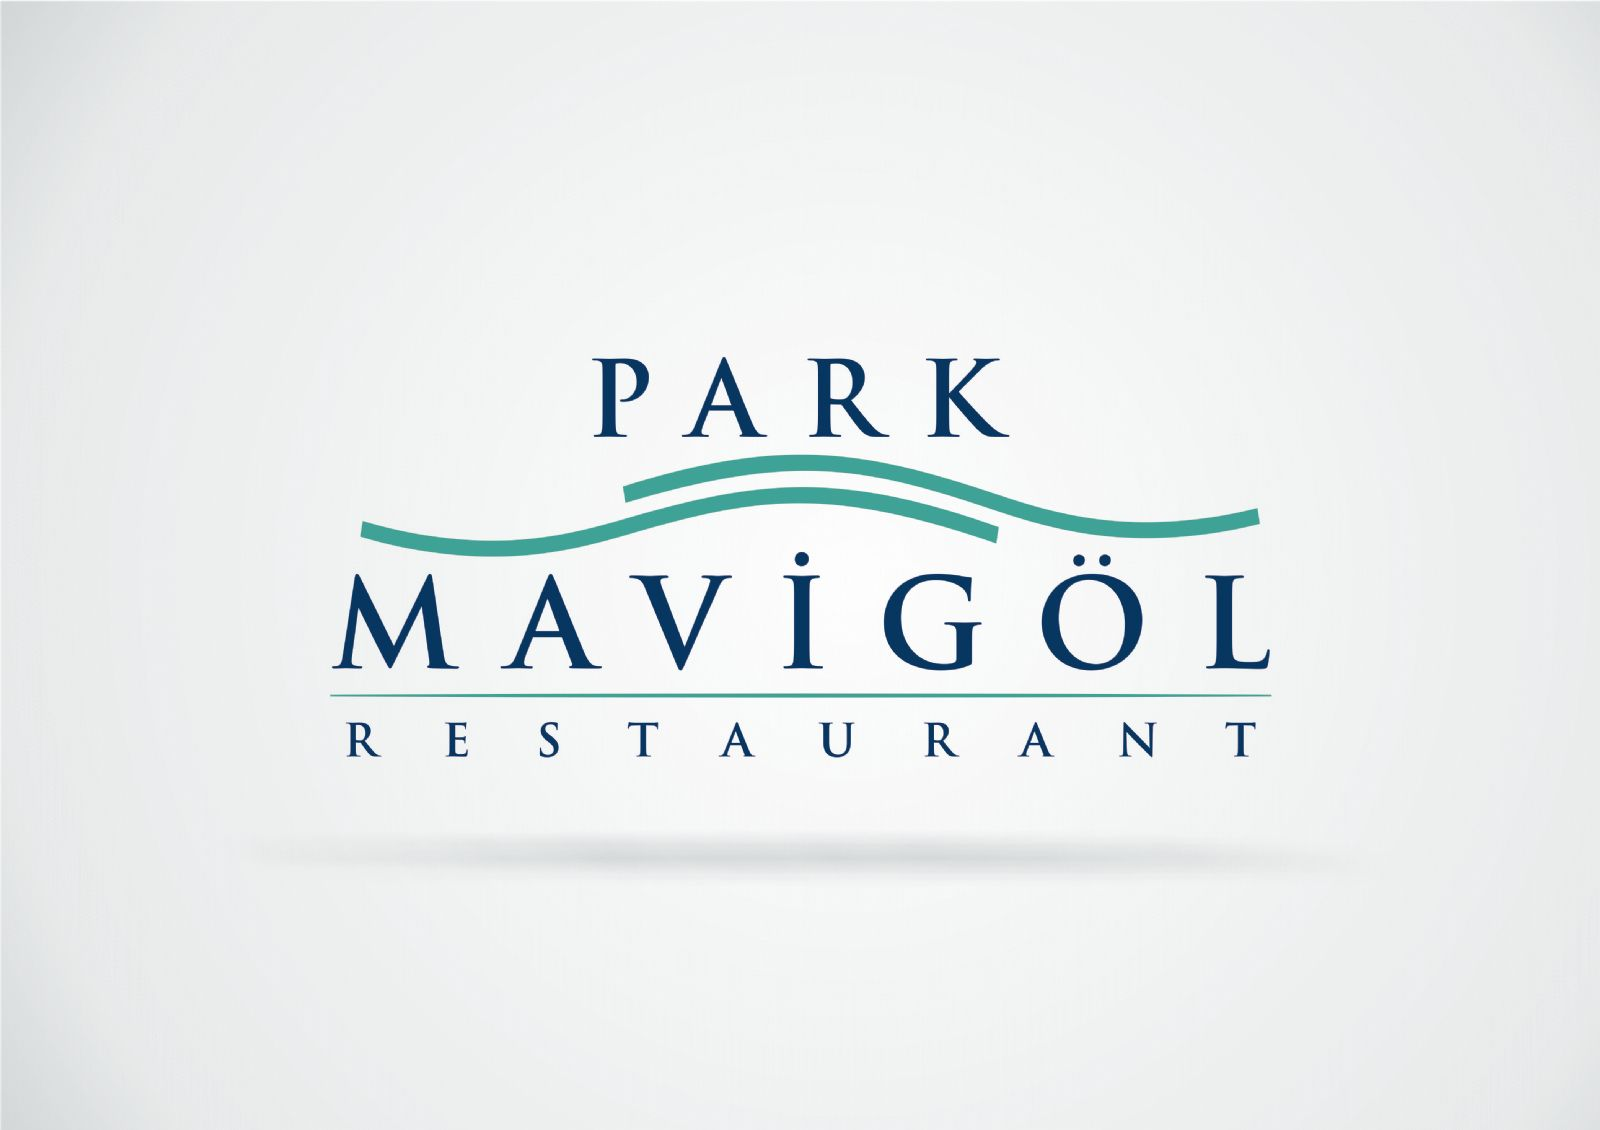 park mavi gol logo